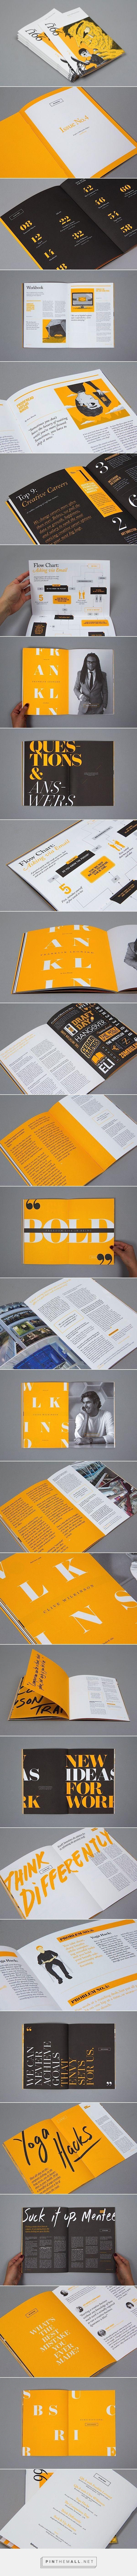 Editorial Design Inspiration: 99U Quarterly Mag No.4   Abduzeedo Design Inspiration